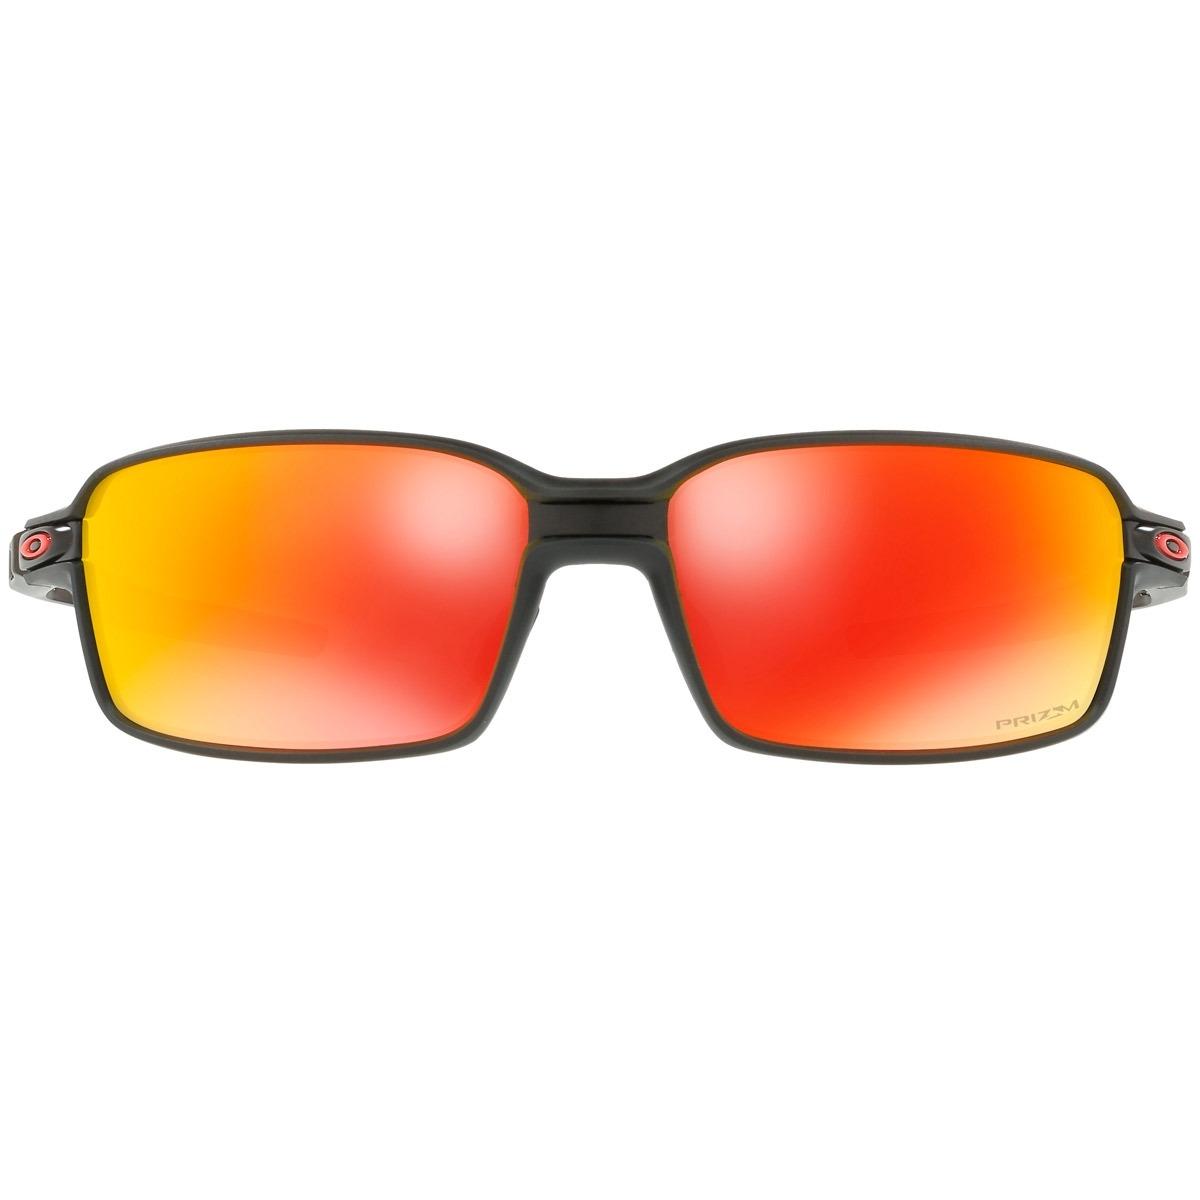 fe50bc376 Óculos Oakley Carbon Prime - Cut Wave - R$ 2.230,00 em Mercado Livre